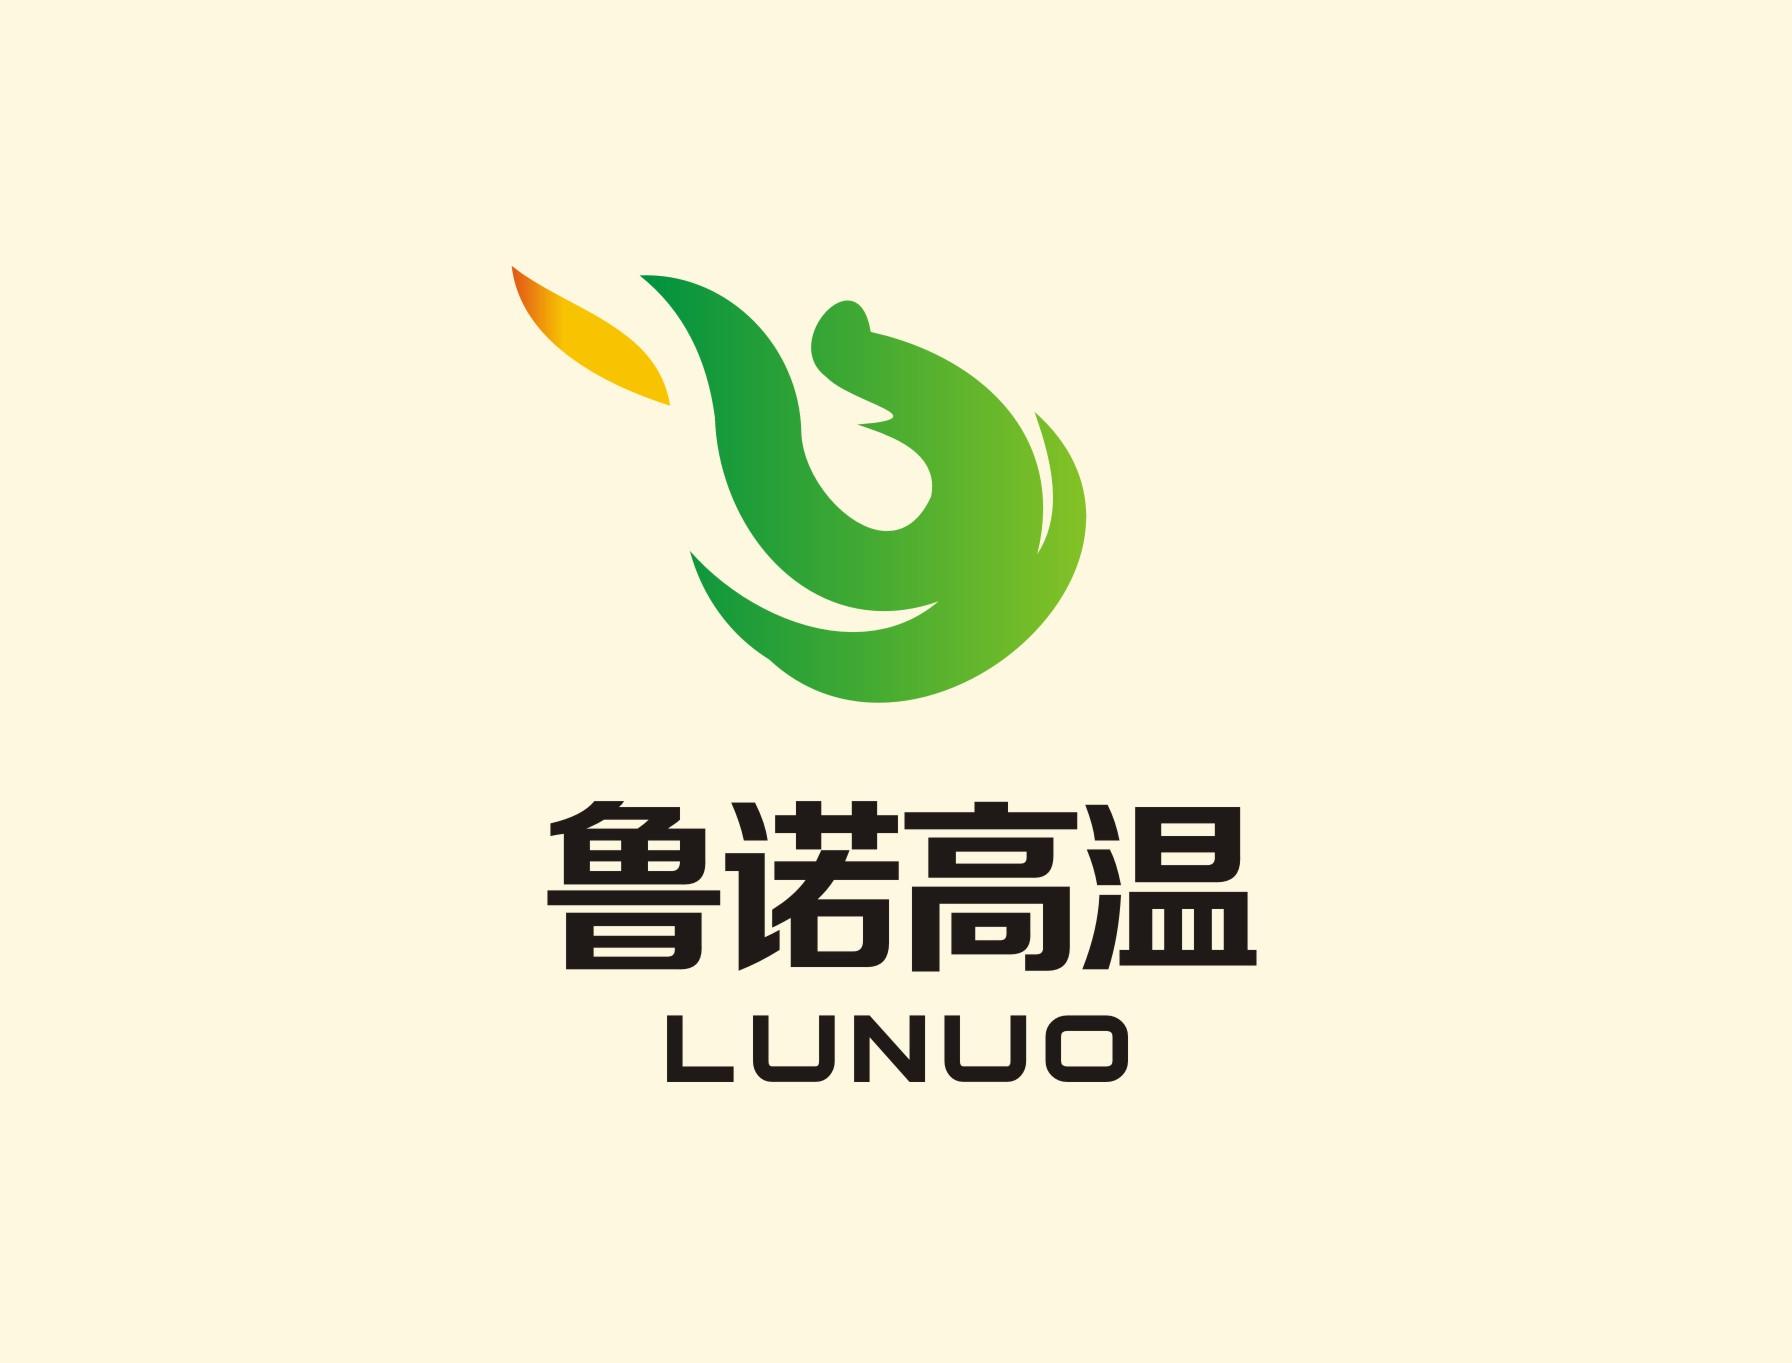 青岛鲁诺logo